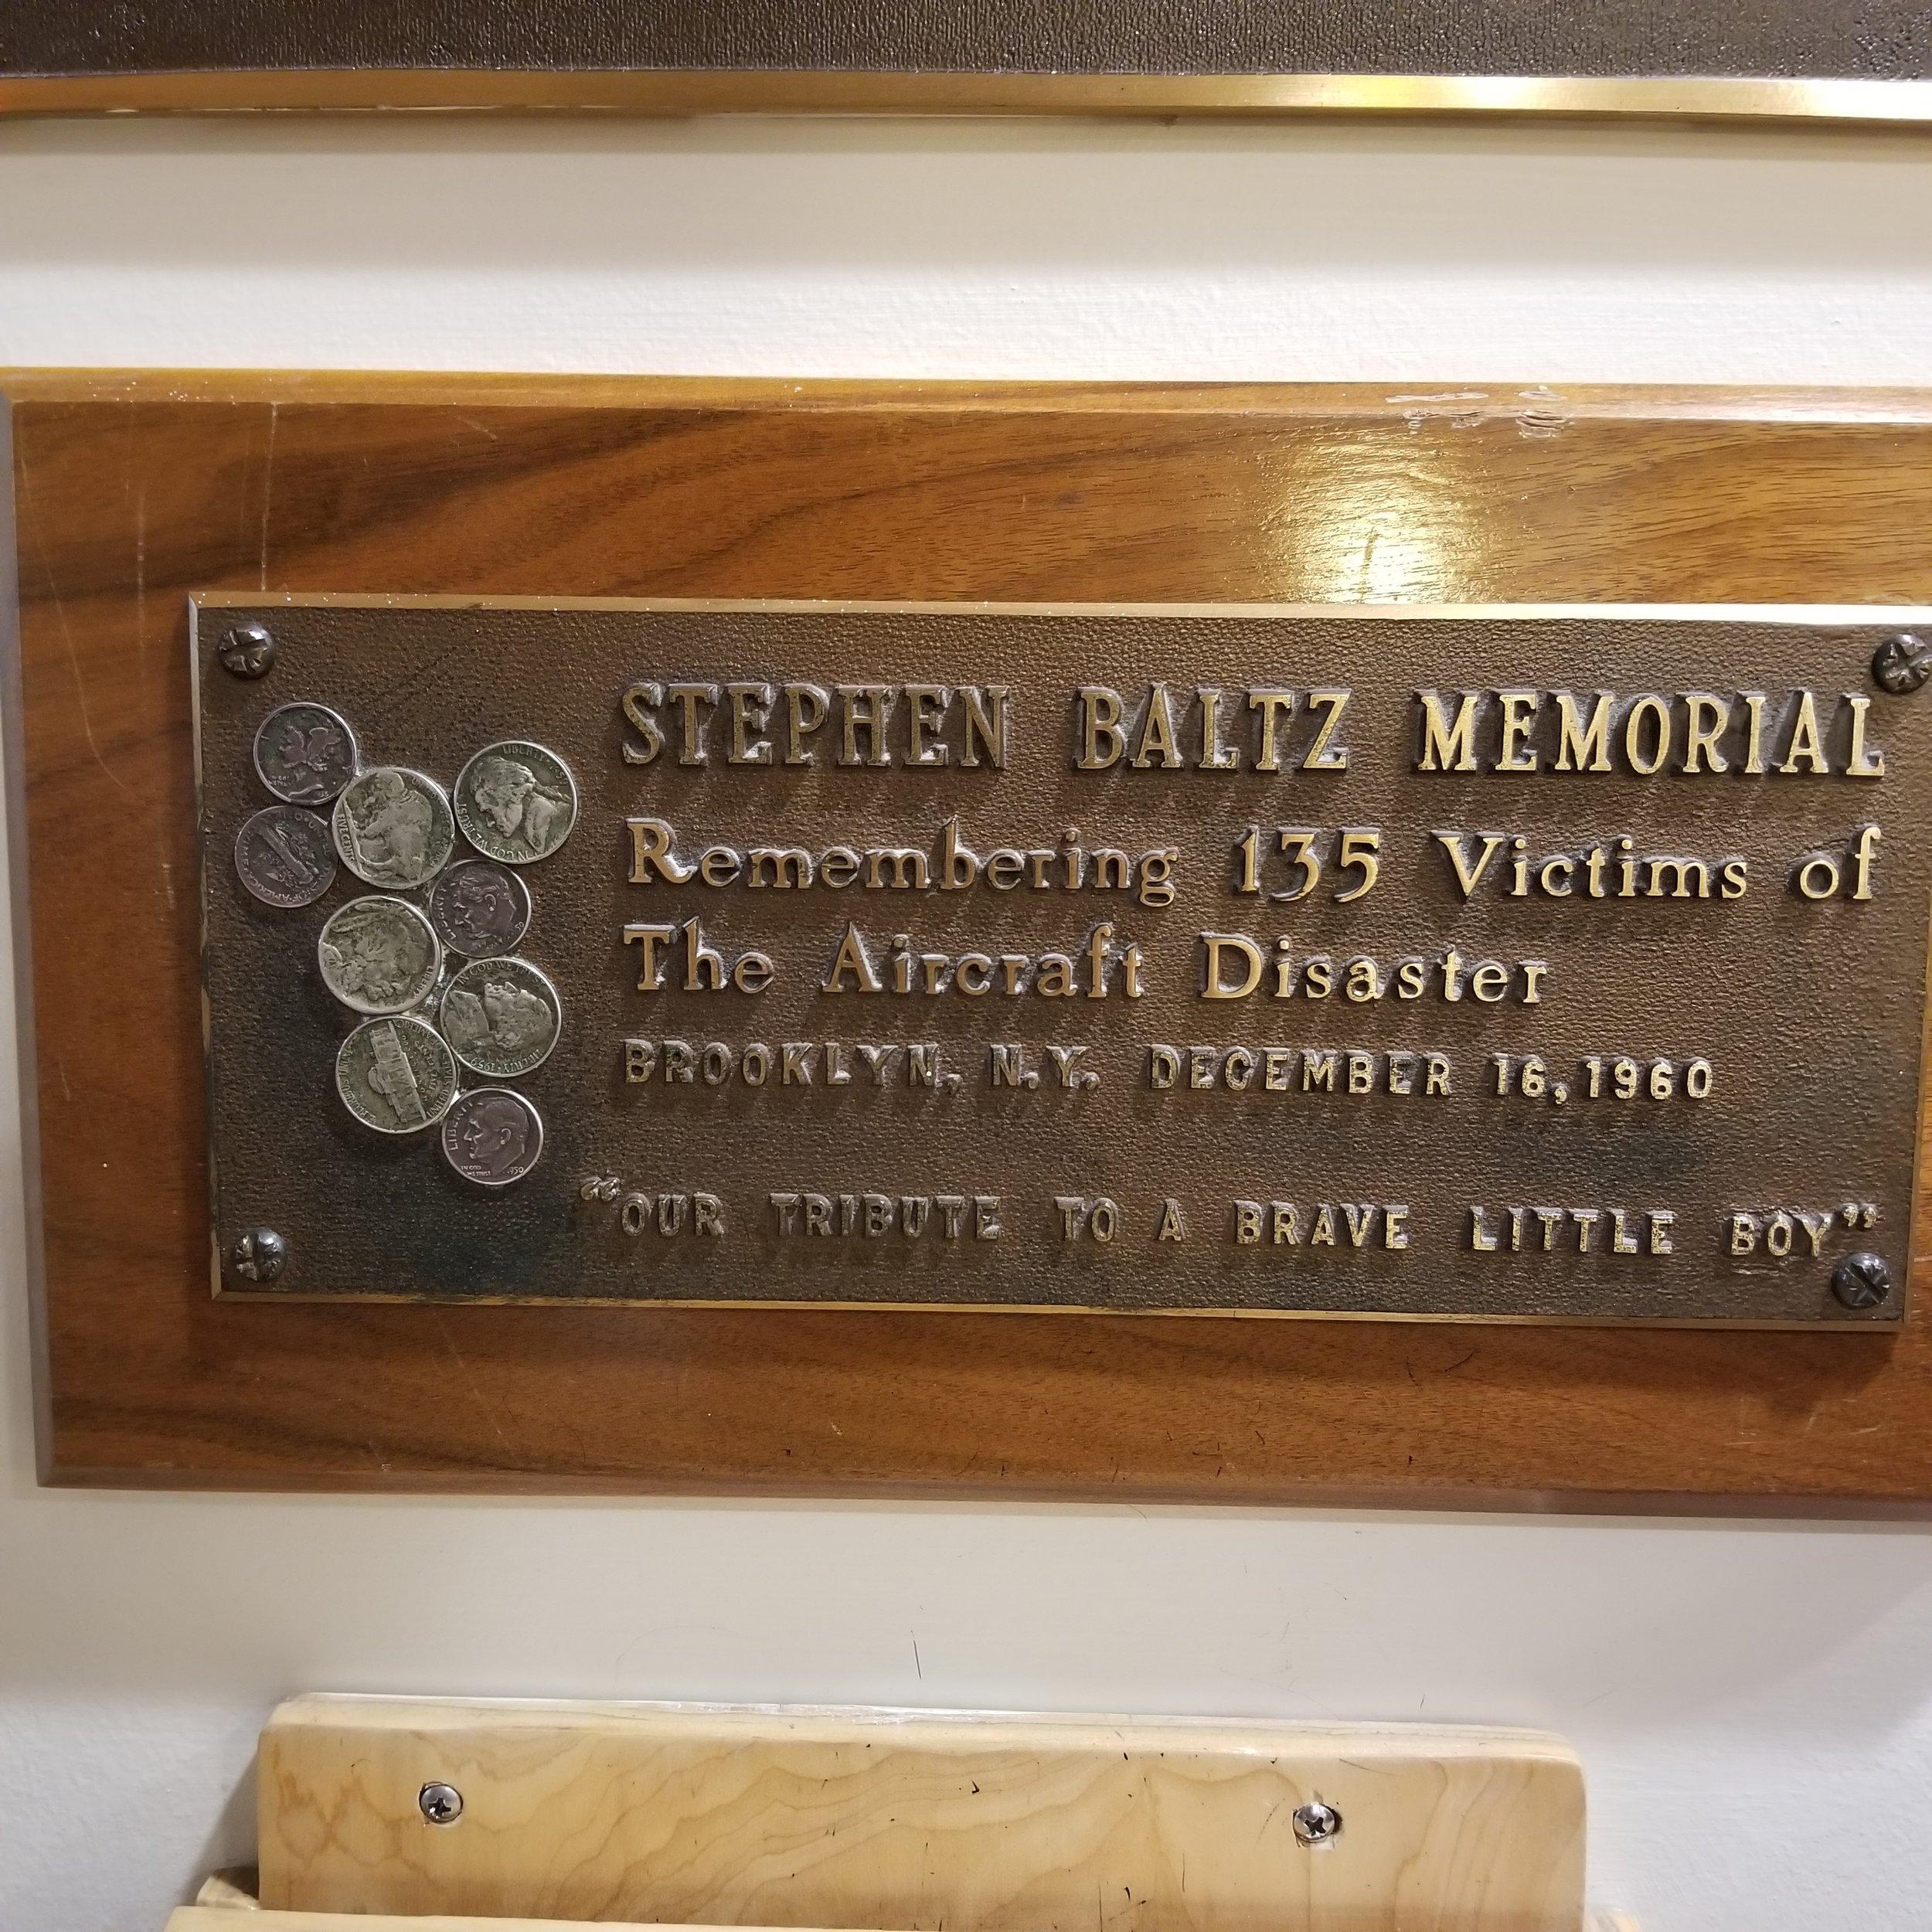 Stephen Bautz Memorial